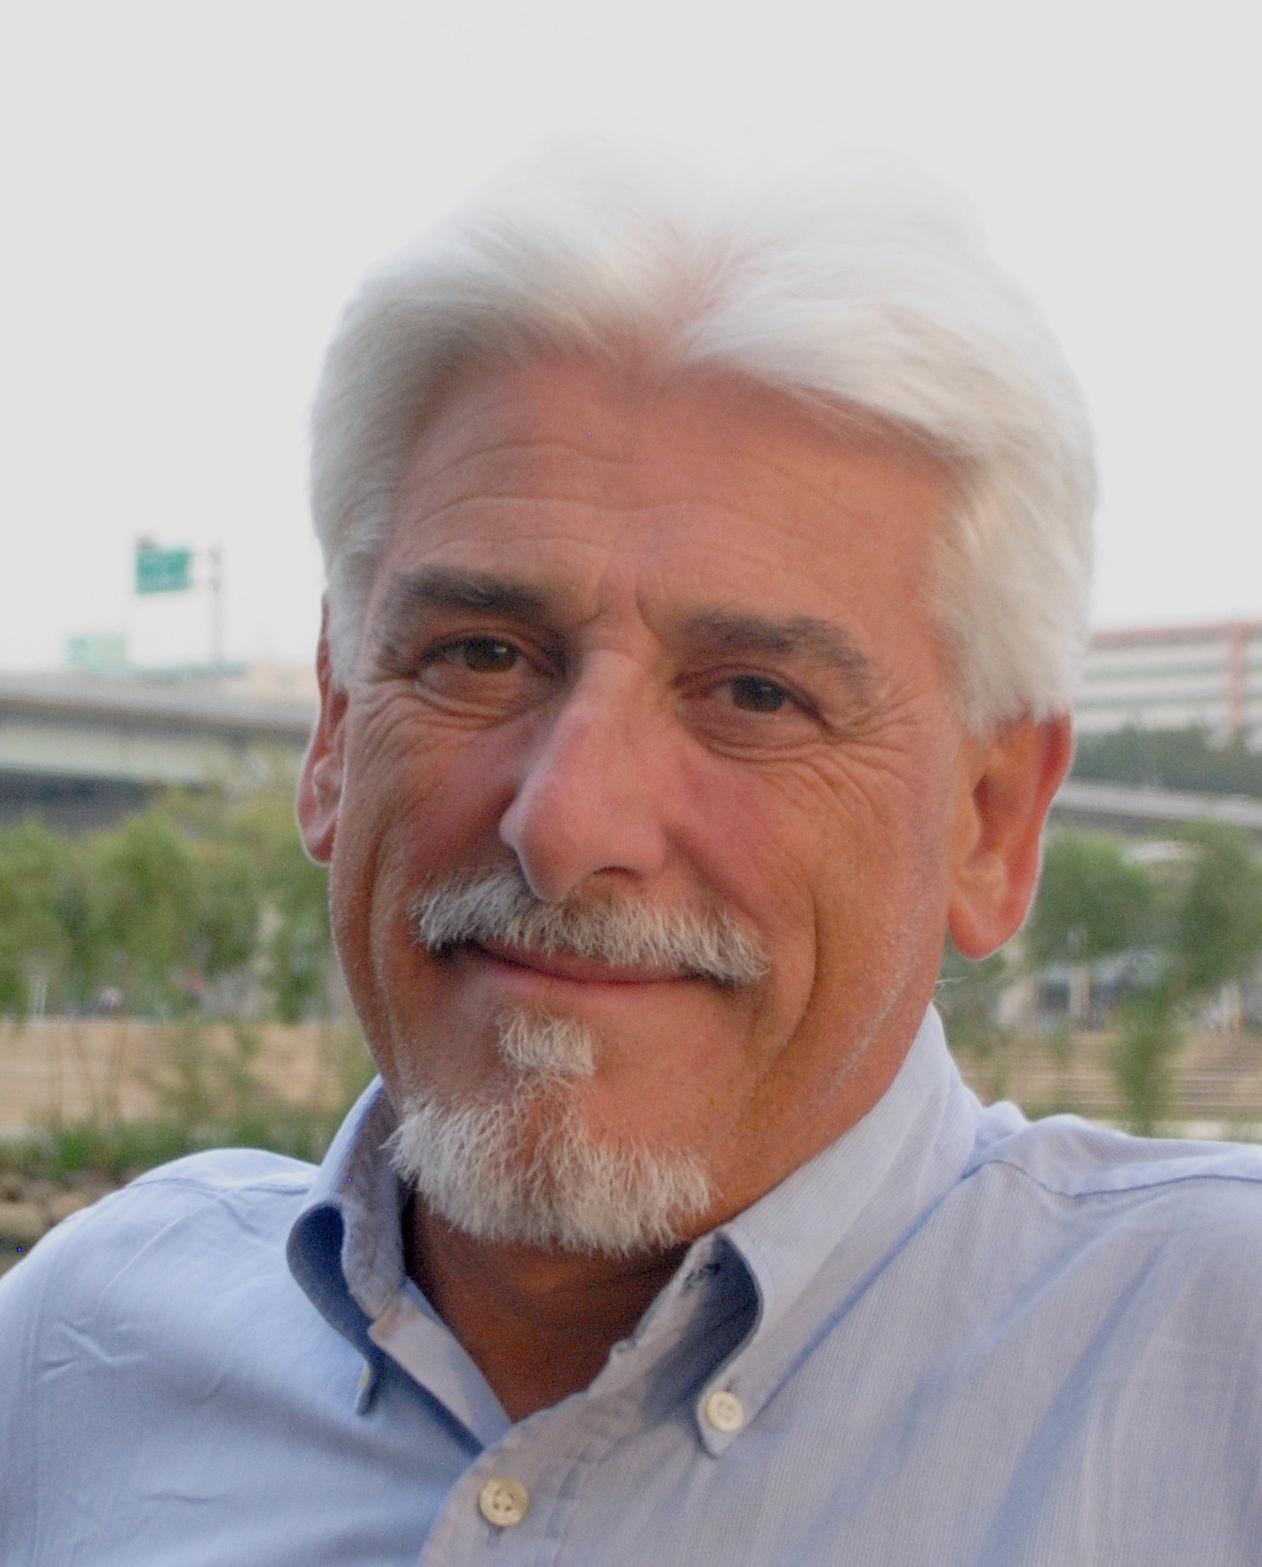 Prof Francesco P Cappuccio, of Warwick Medical School